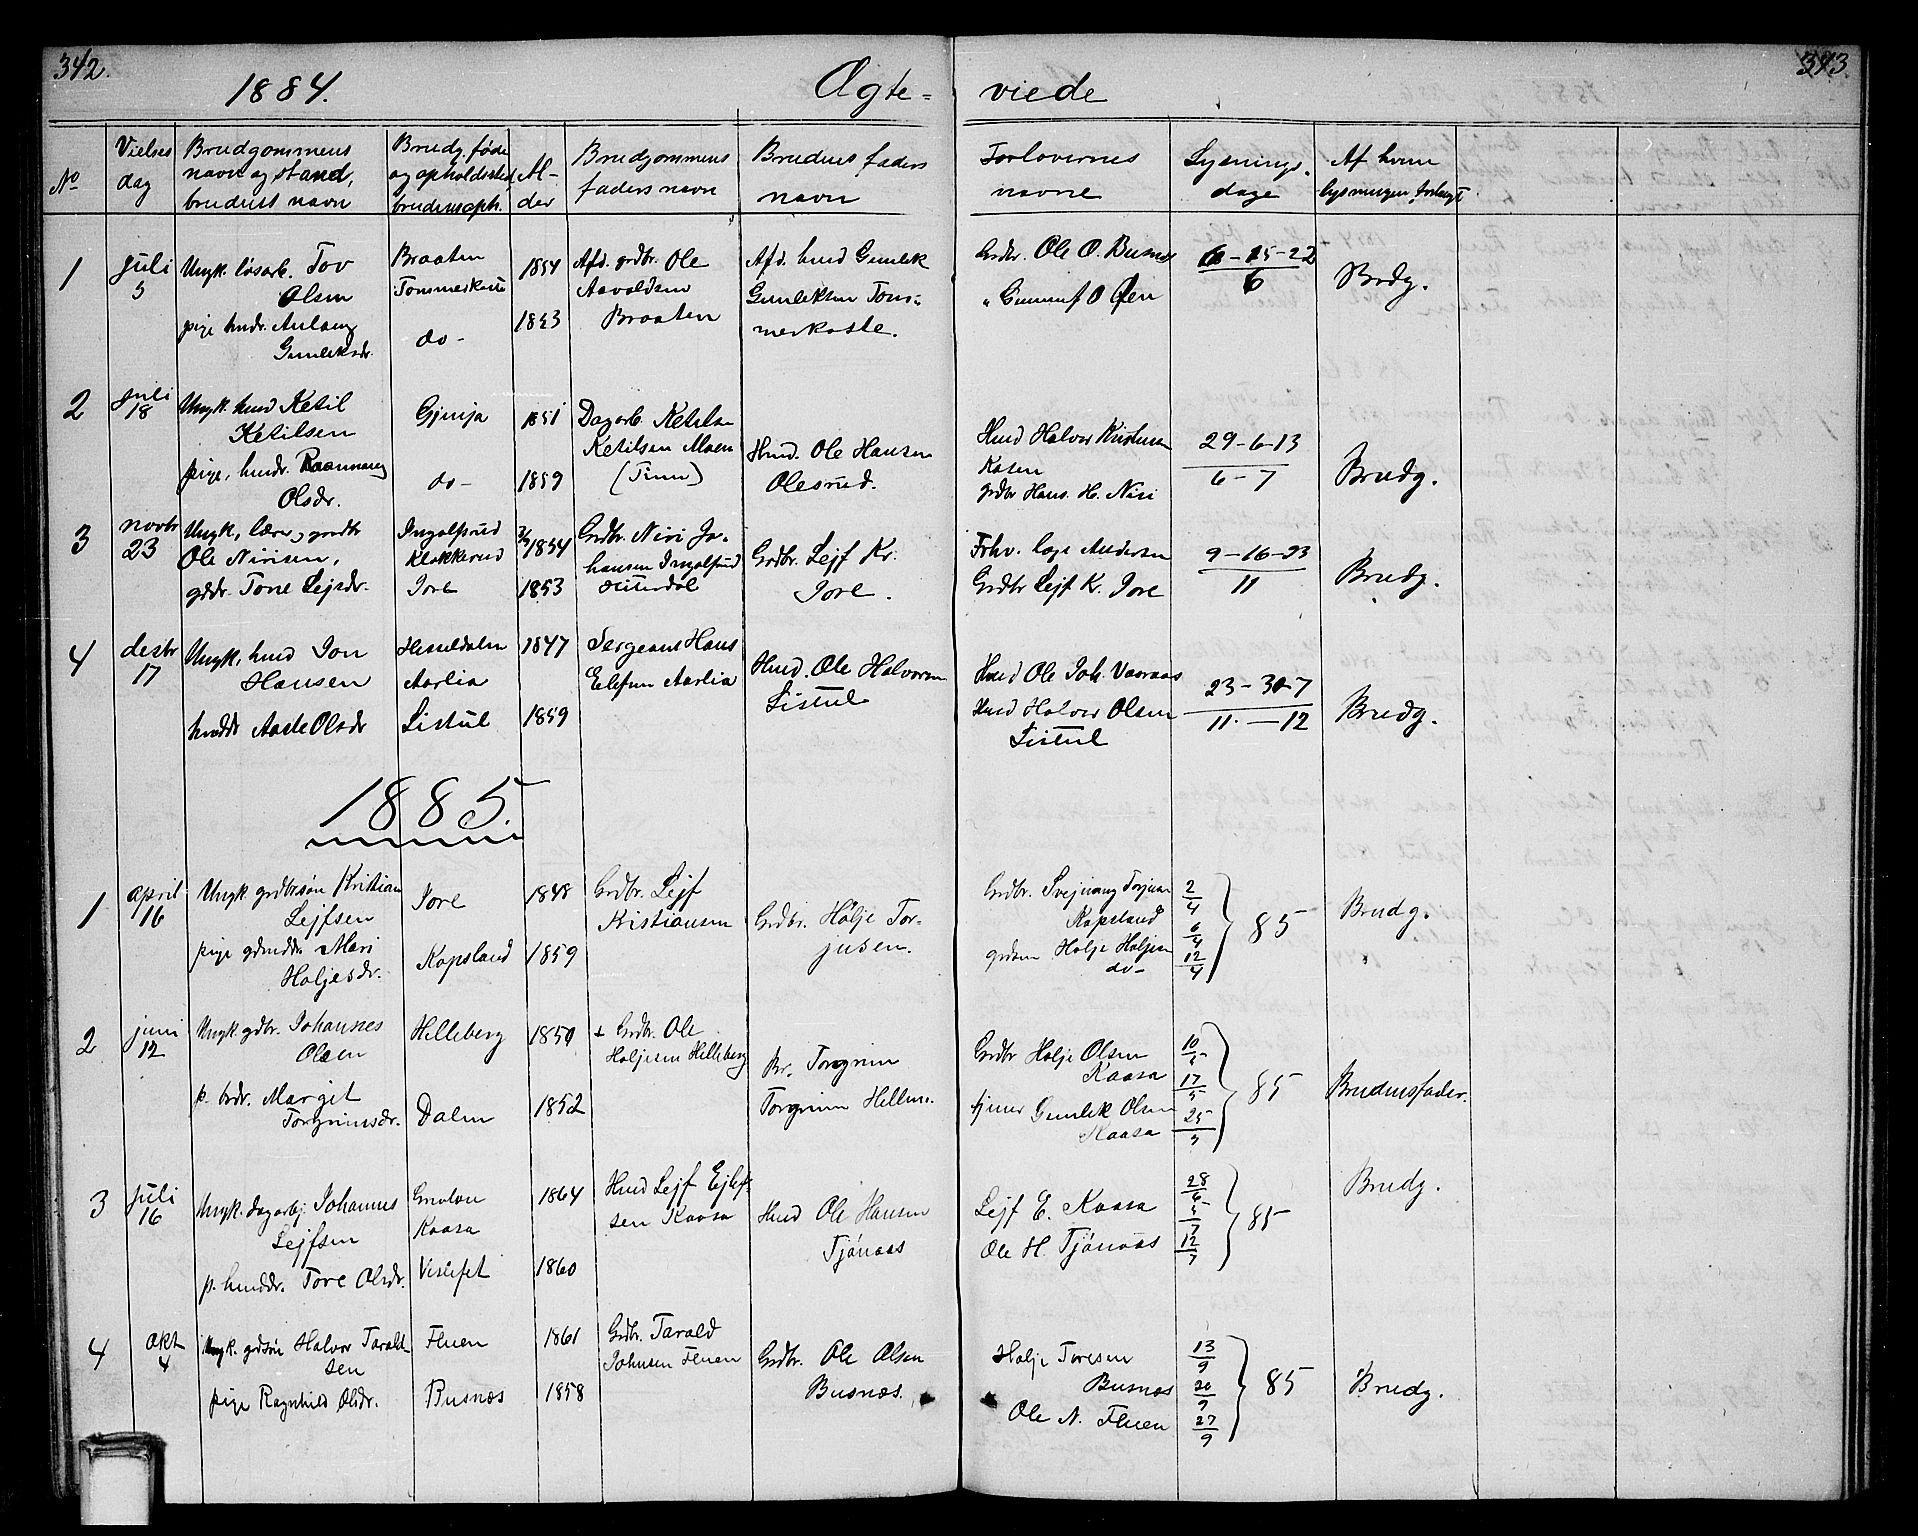 SAKO, Gransherad kirkebøker, G/Ga/L0002: Klokkerbok nr. I 2, 1854-1886, s. 342-343